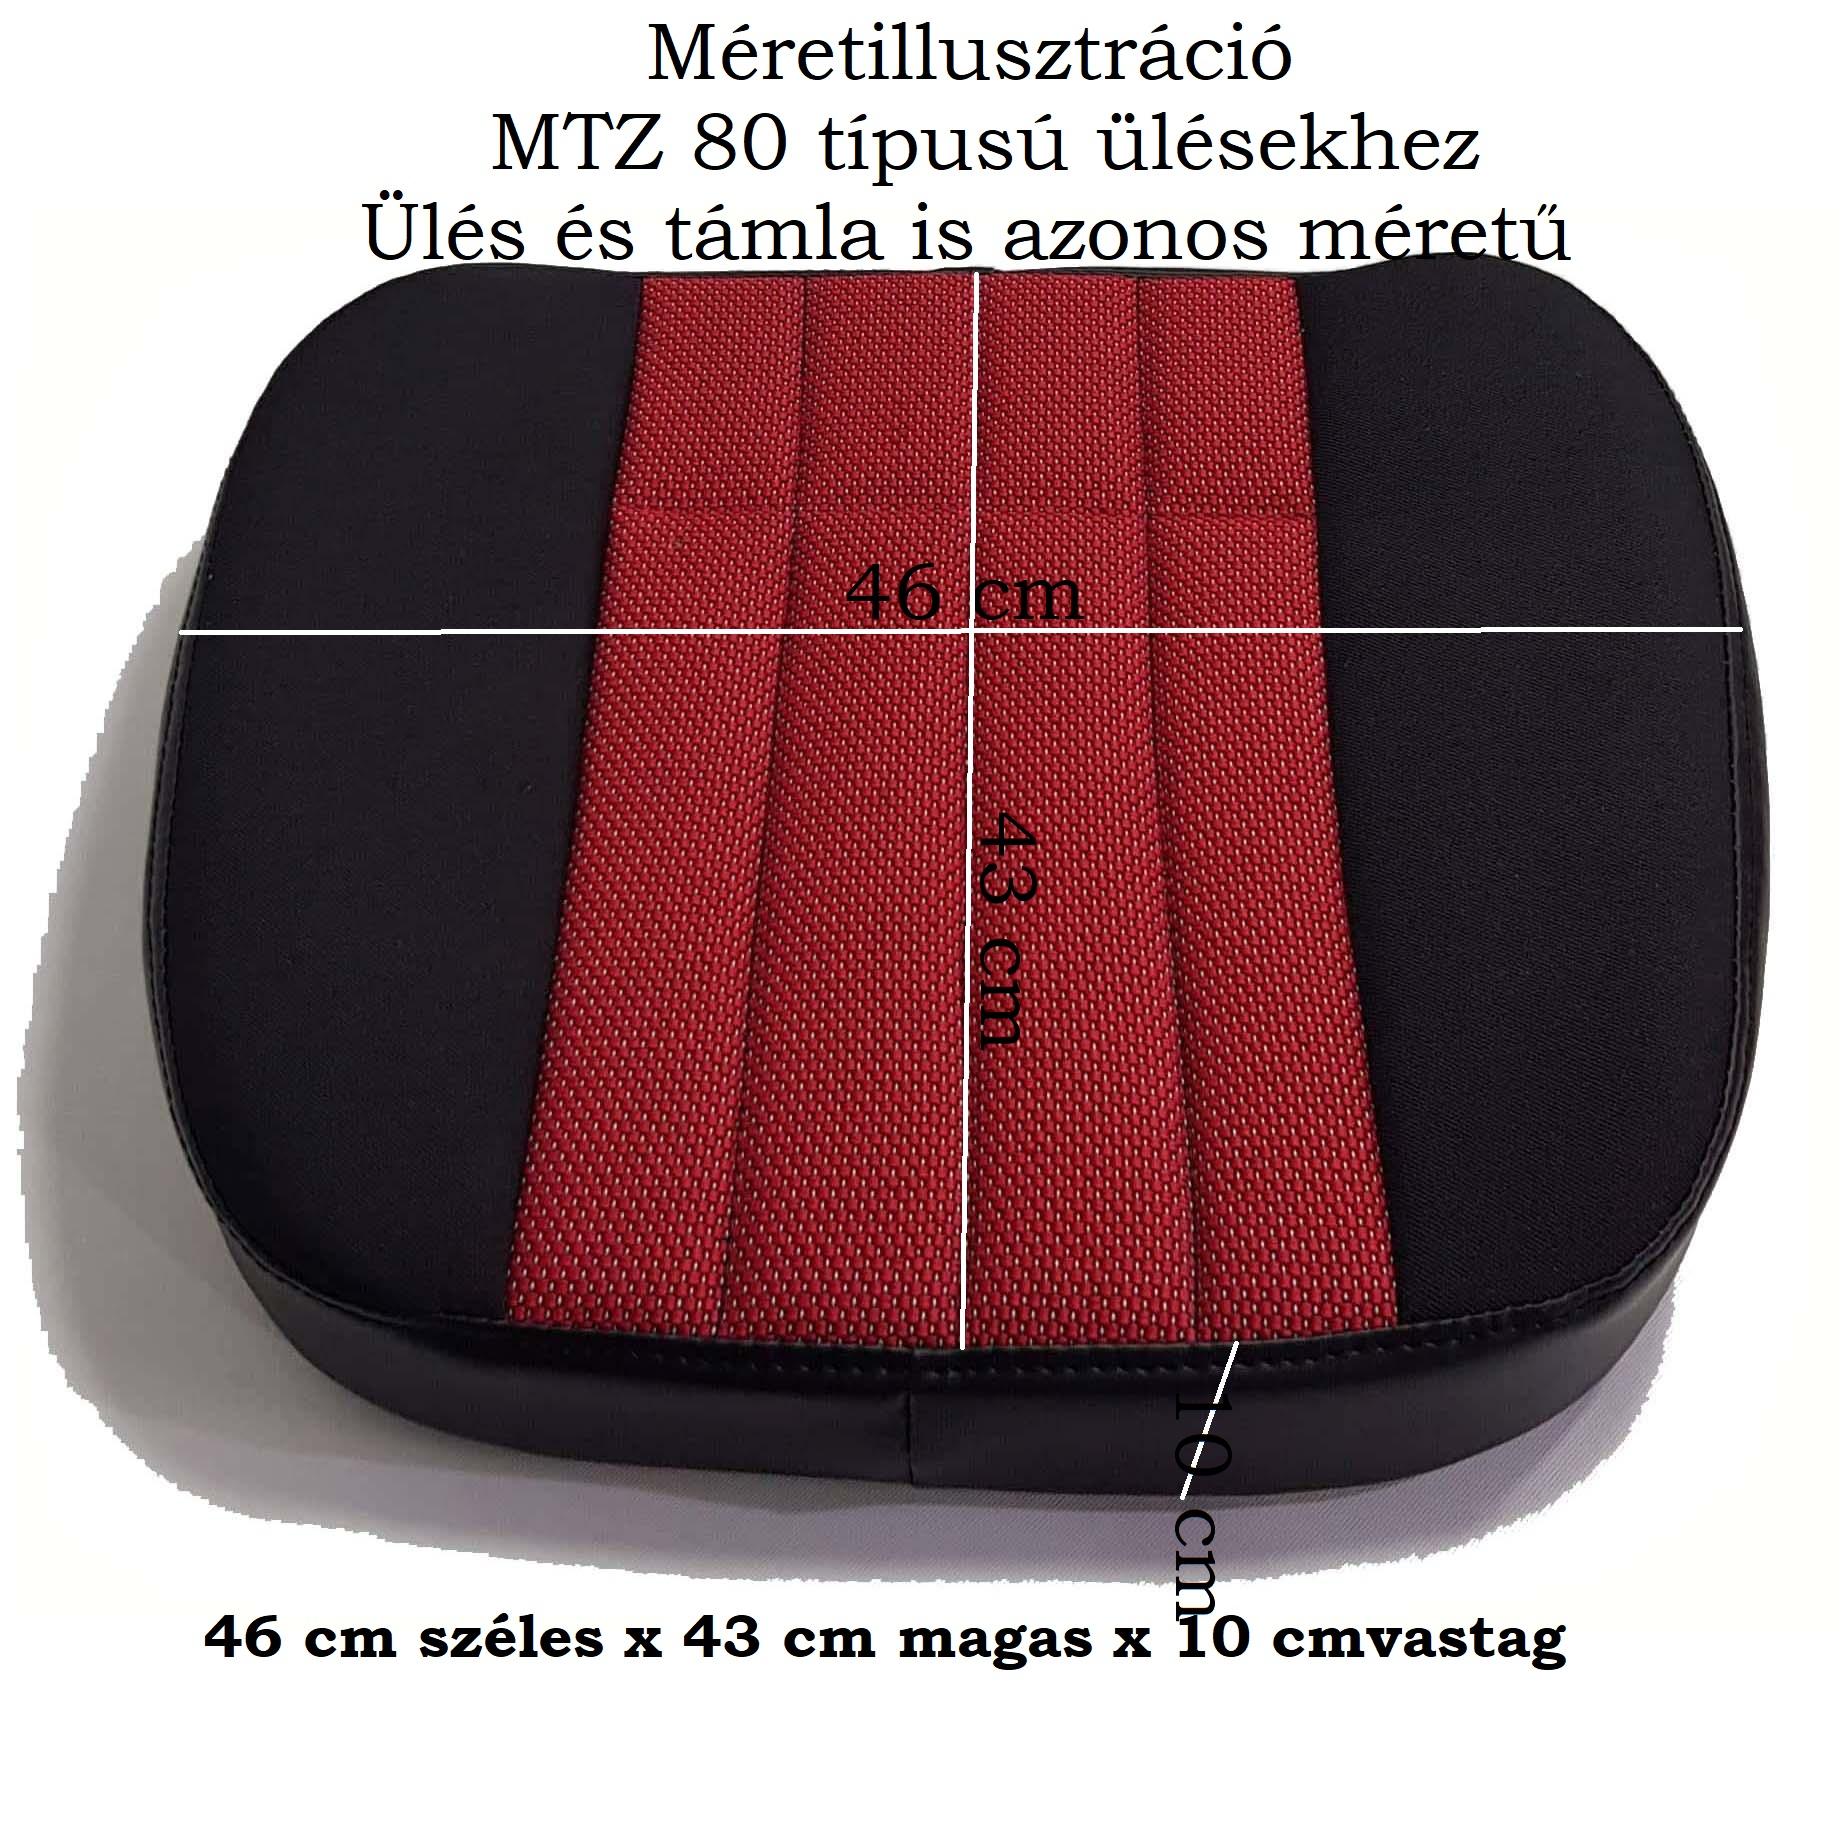 mtz 80 méretezve